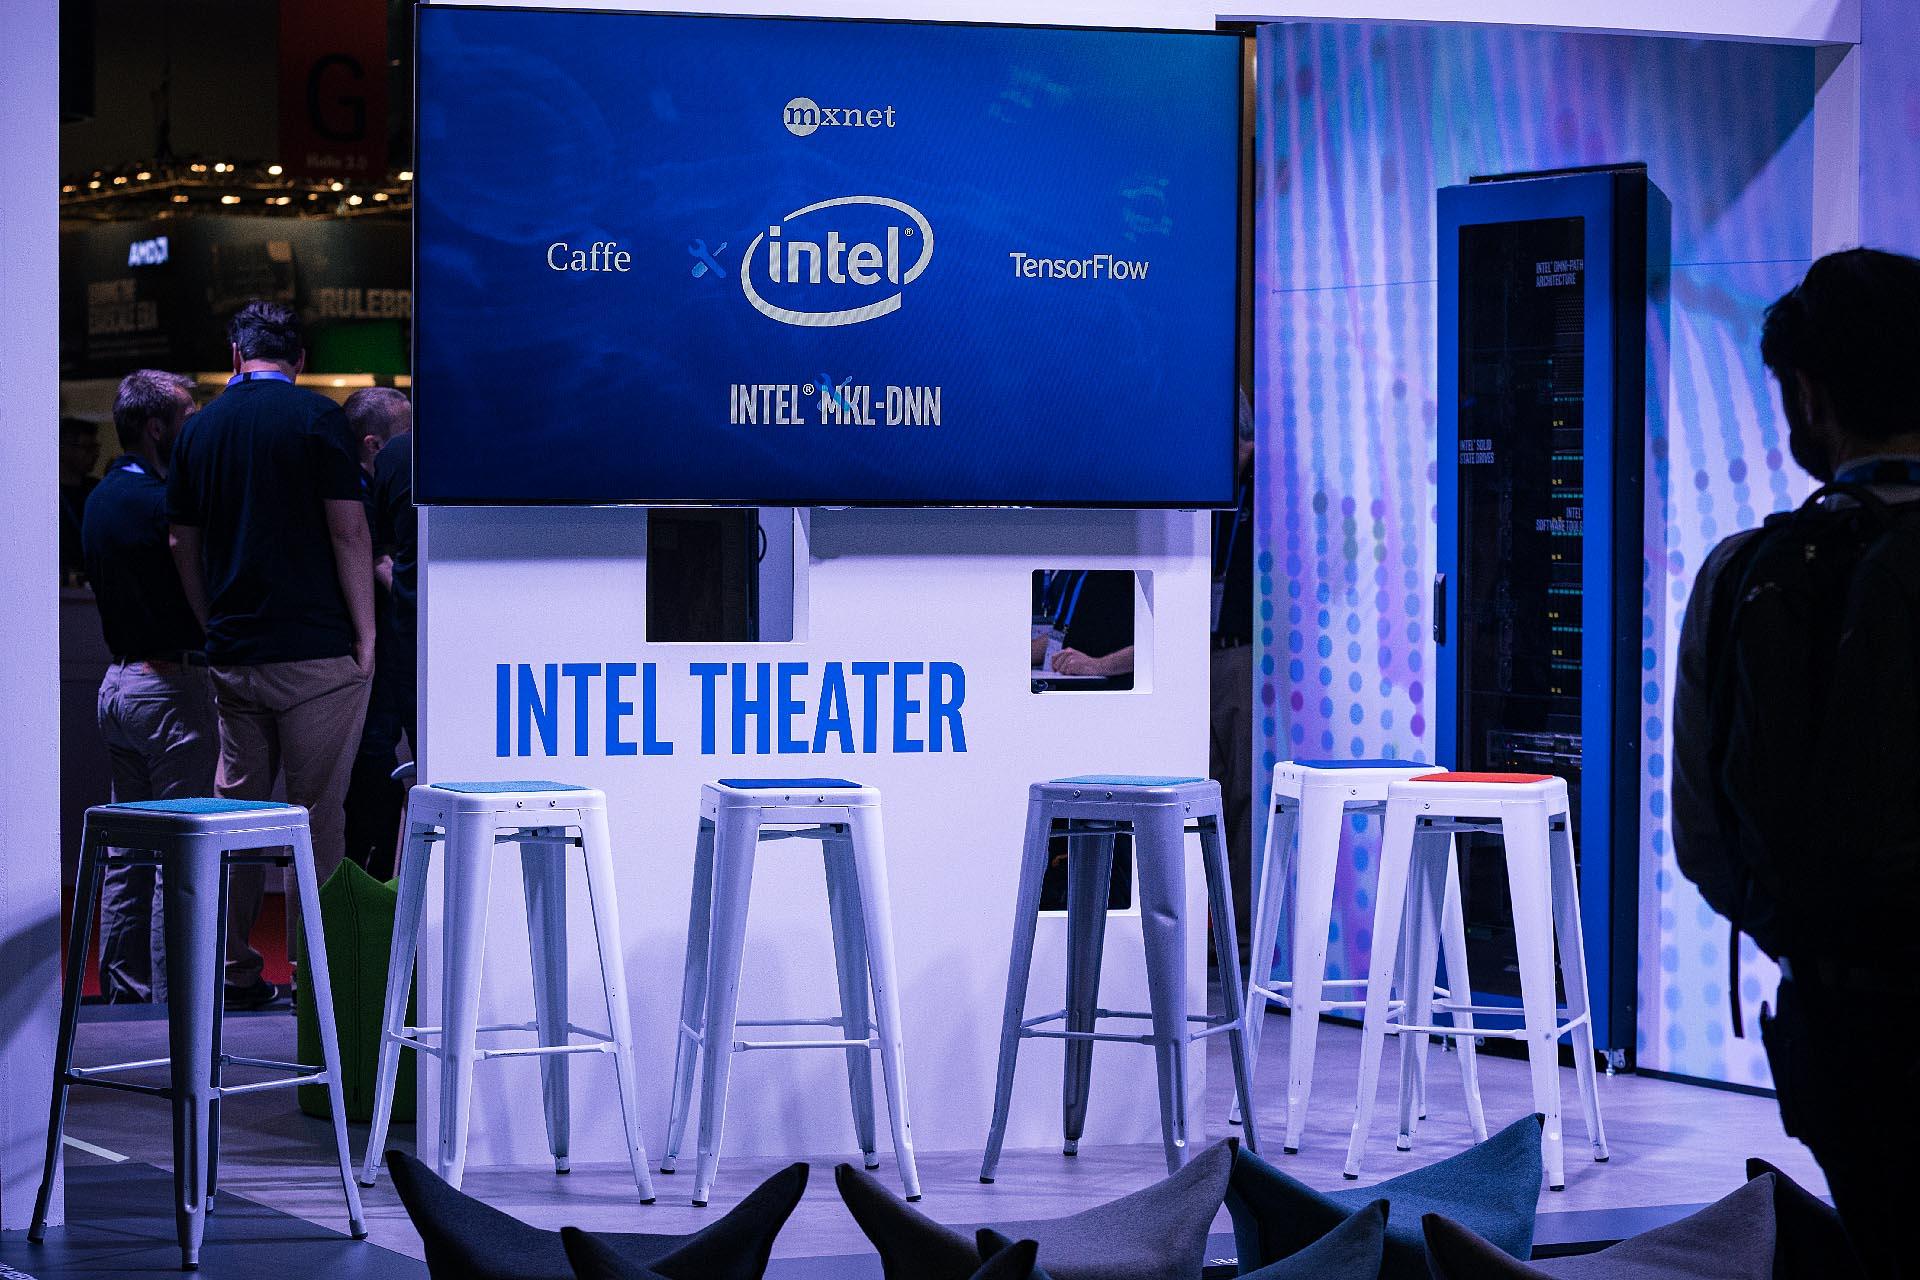 Intel Theater